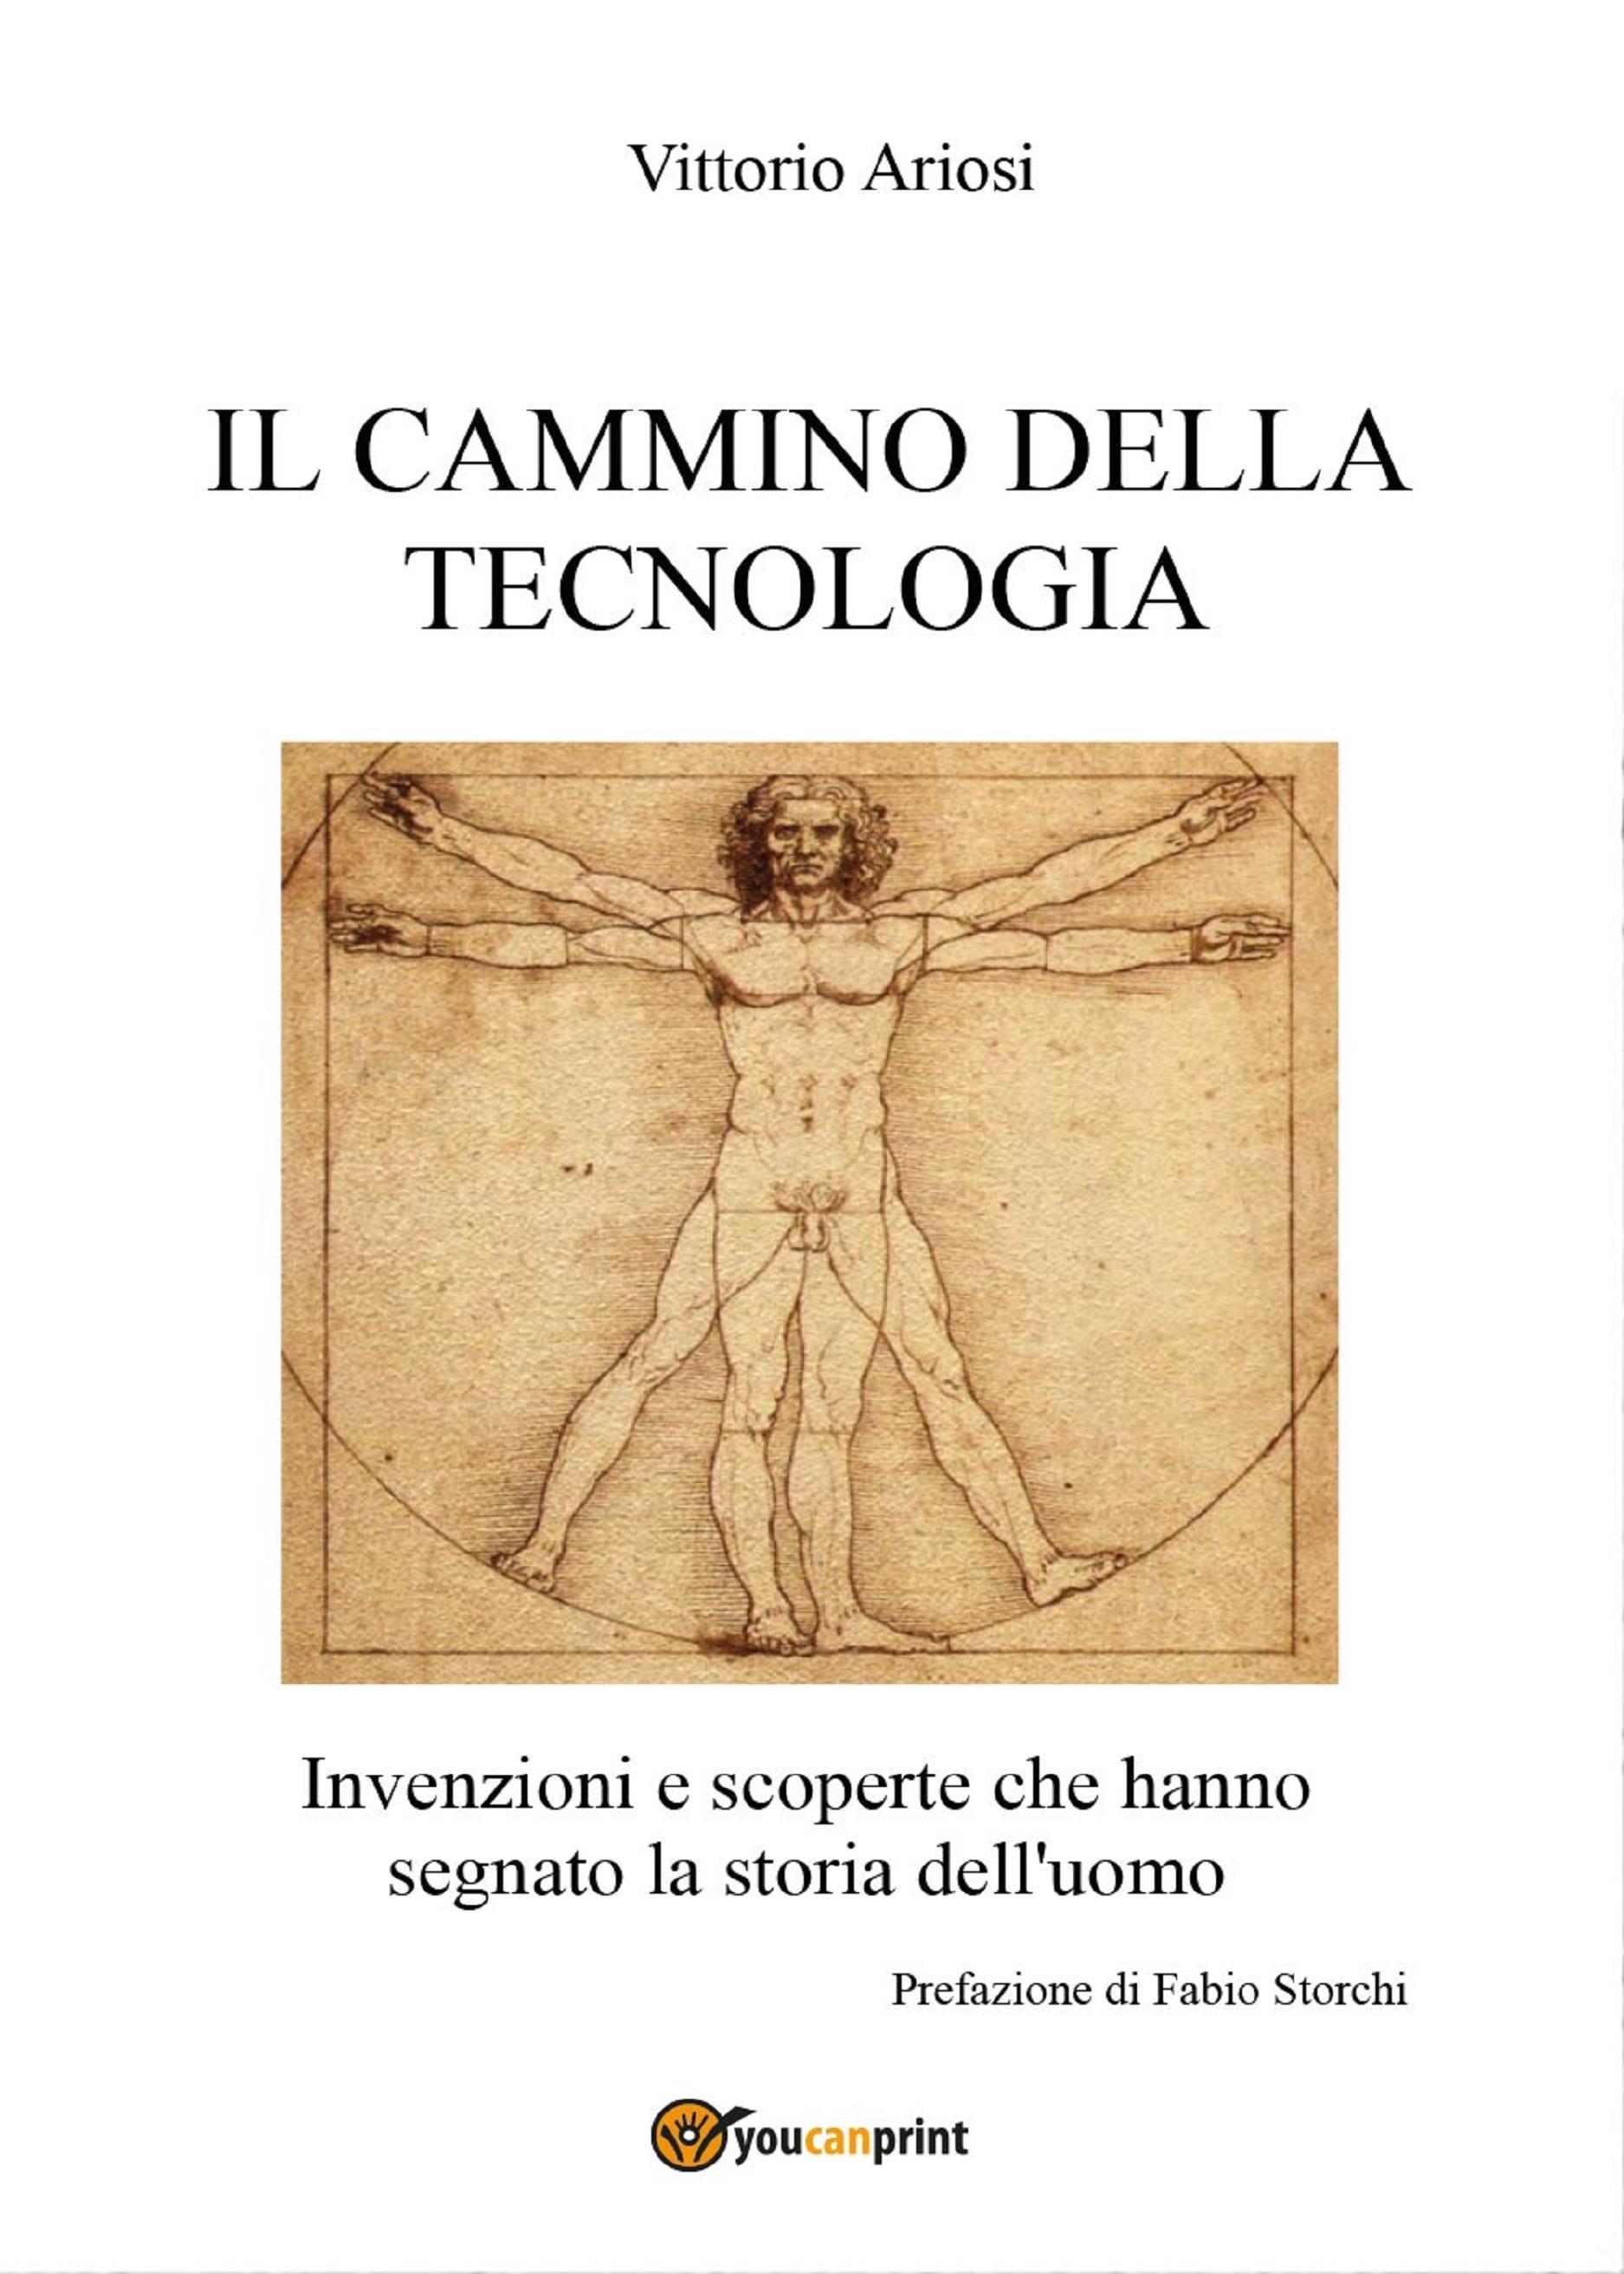 Il cammino della Tecnologia